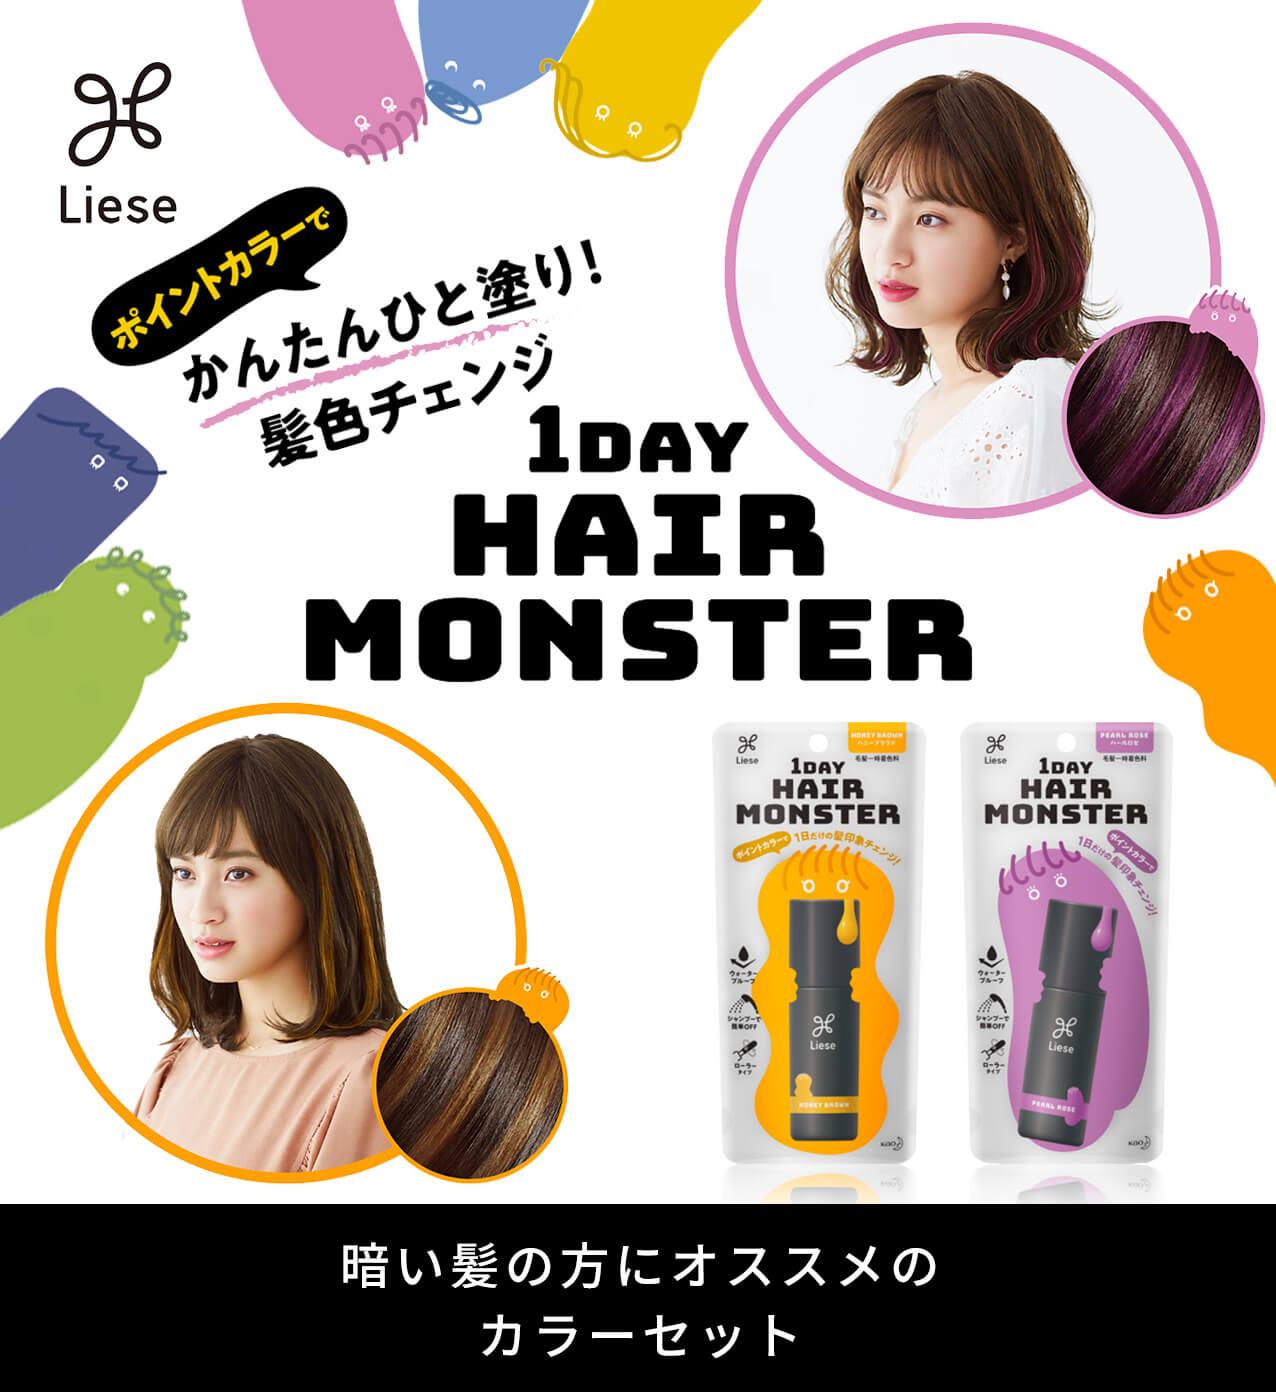 ポイントカラーでかんたんひと塗り!髪色チェンジ 1DAY HAIR MONSTER